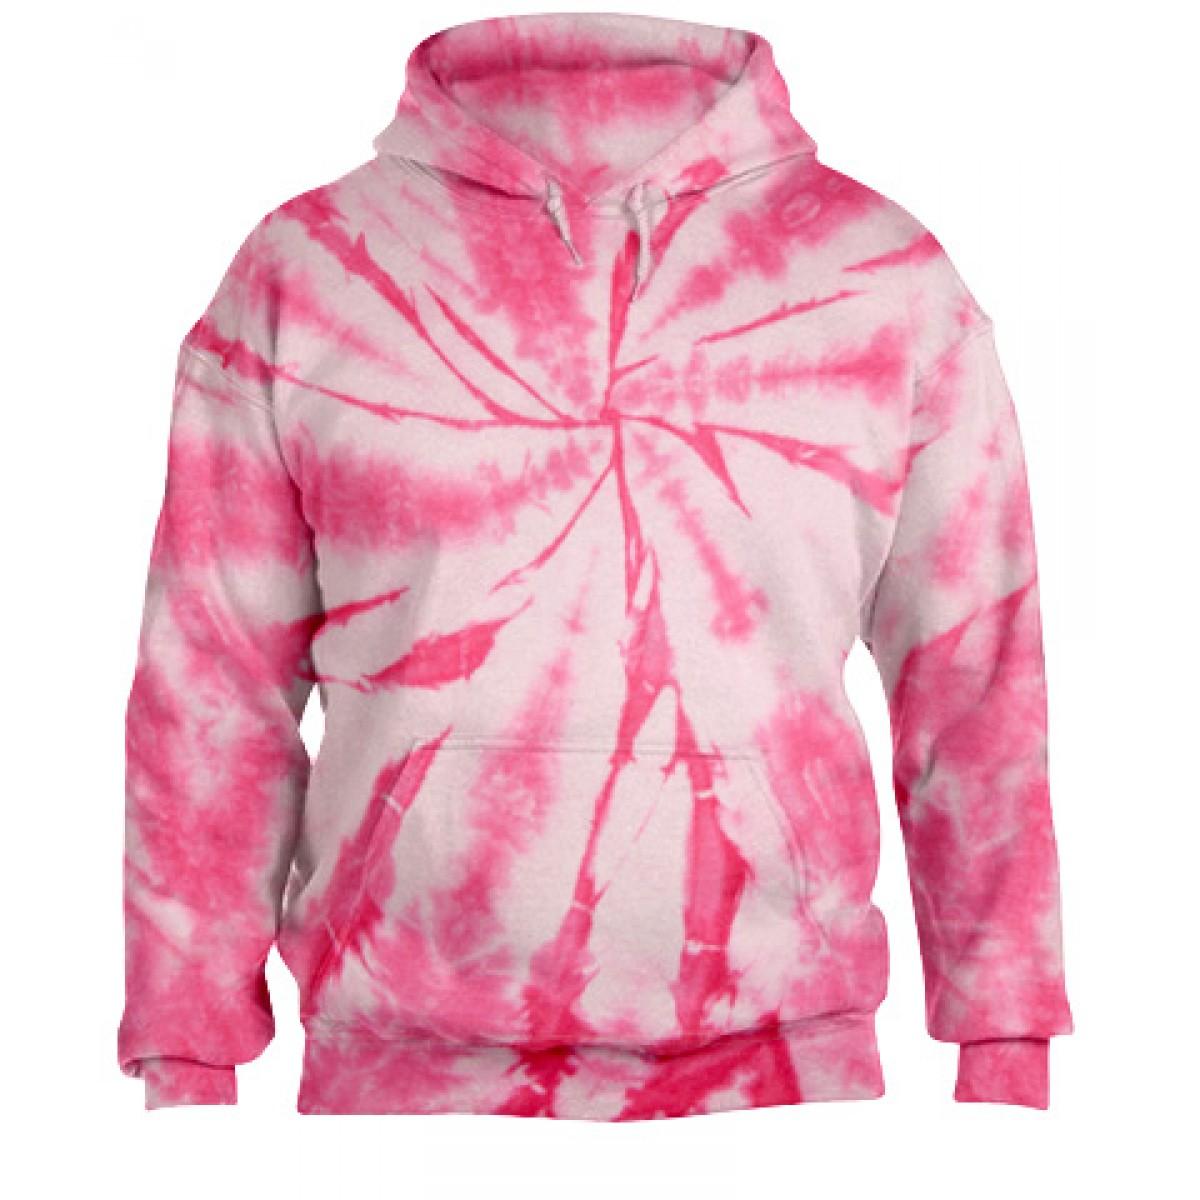 Tie-Dye Pullover Hooded Sweatshirt-Pink-YM